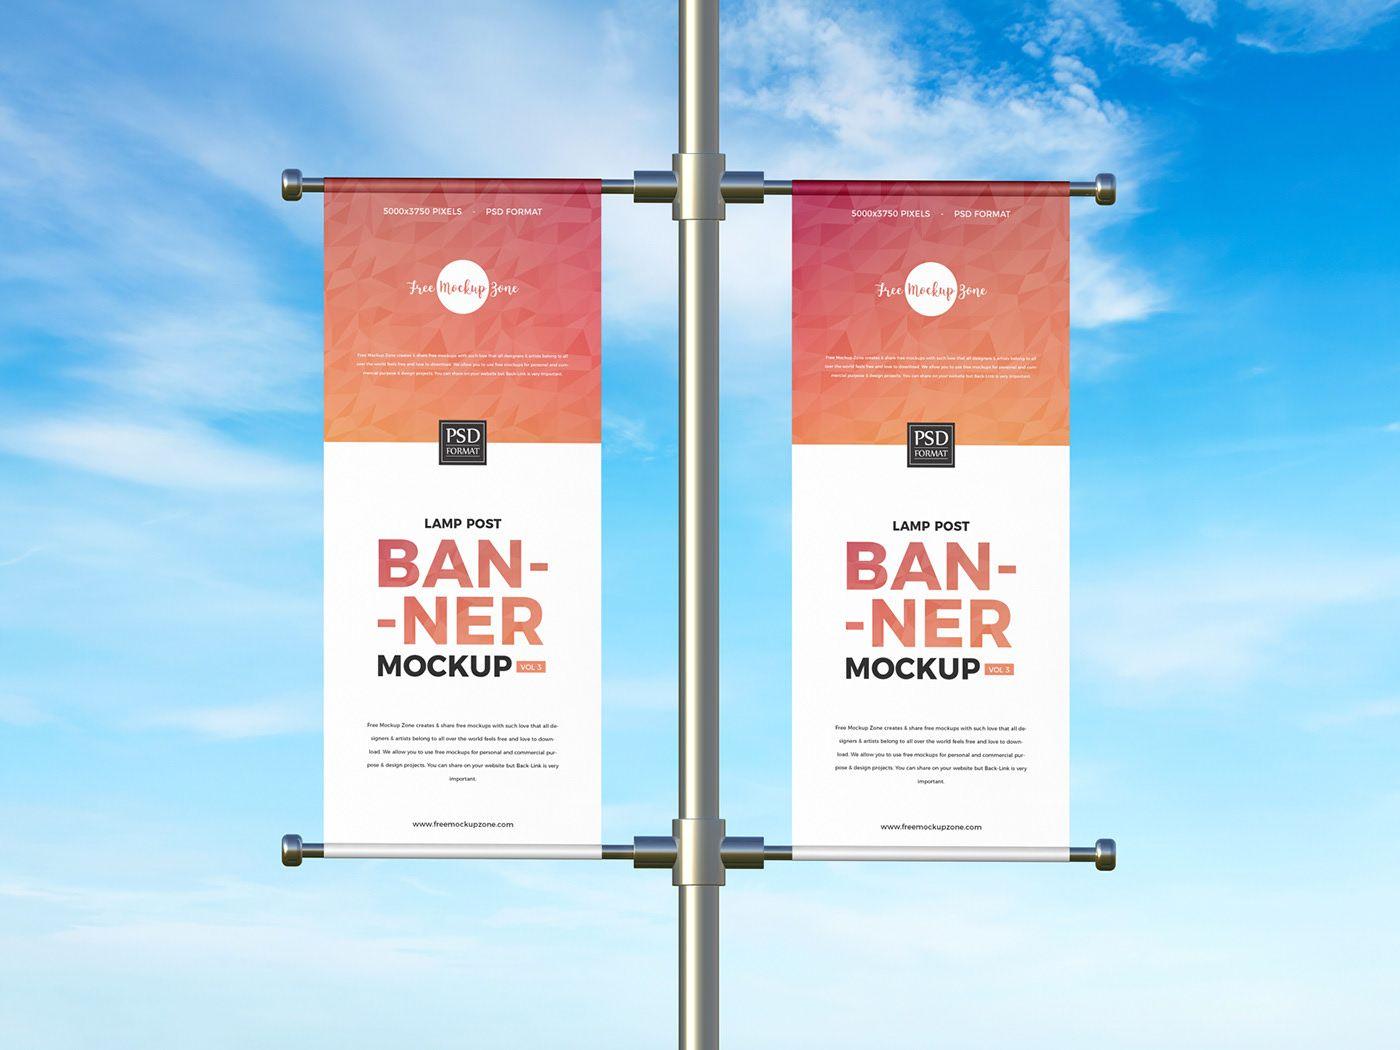 Free Lamp Post Banner Mockup Free Mockup Free Advertising Mockup Free Psd